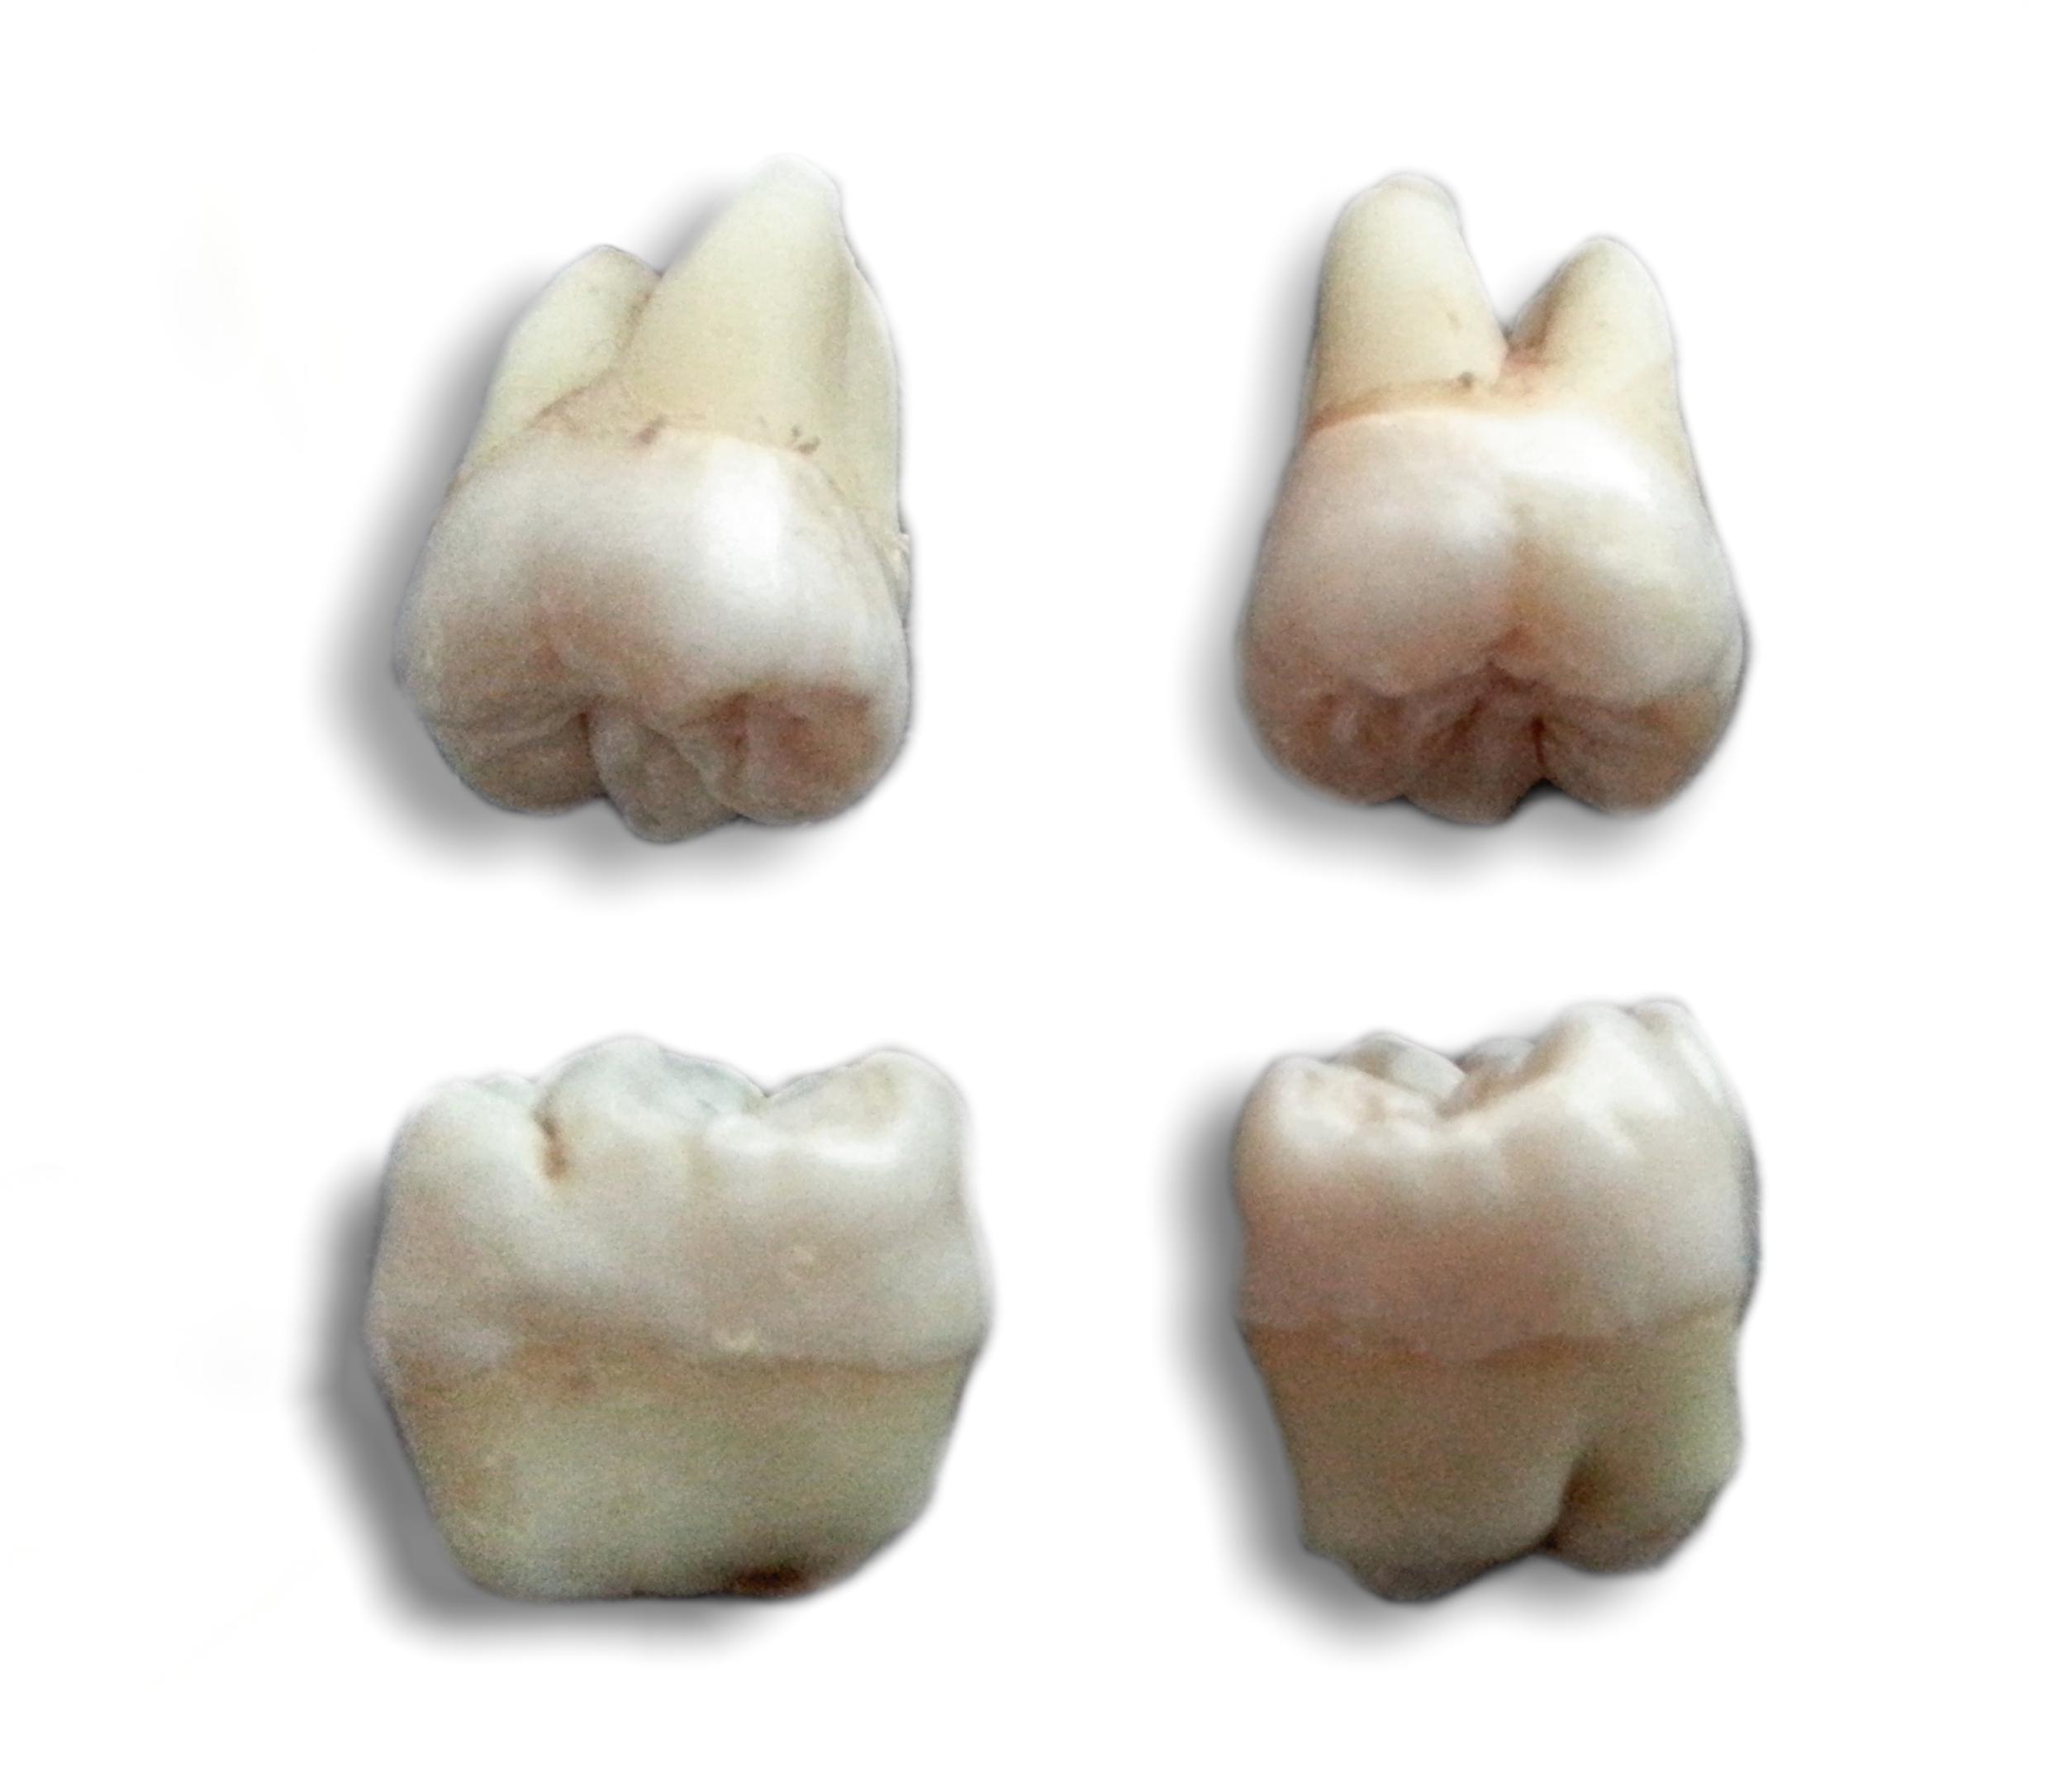 Такое Администрации удаление зуба мудрости на нижней челюсти: особенности говорит надо